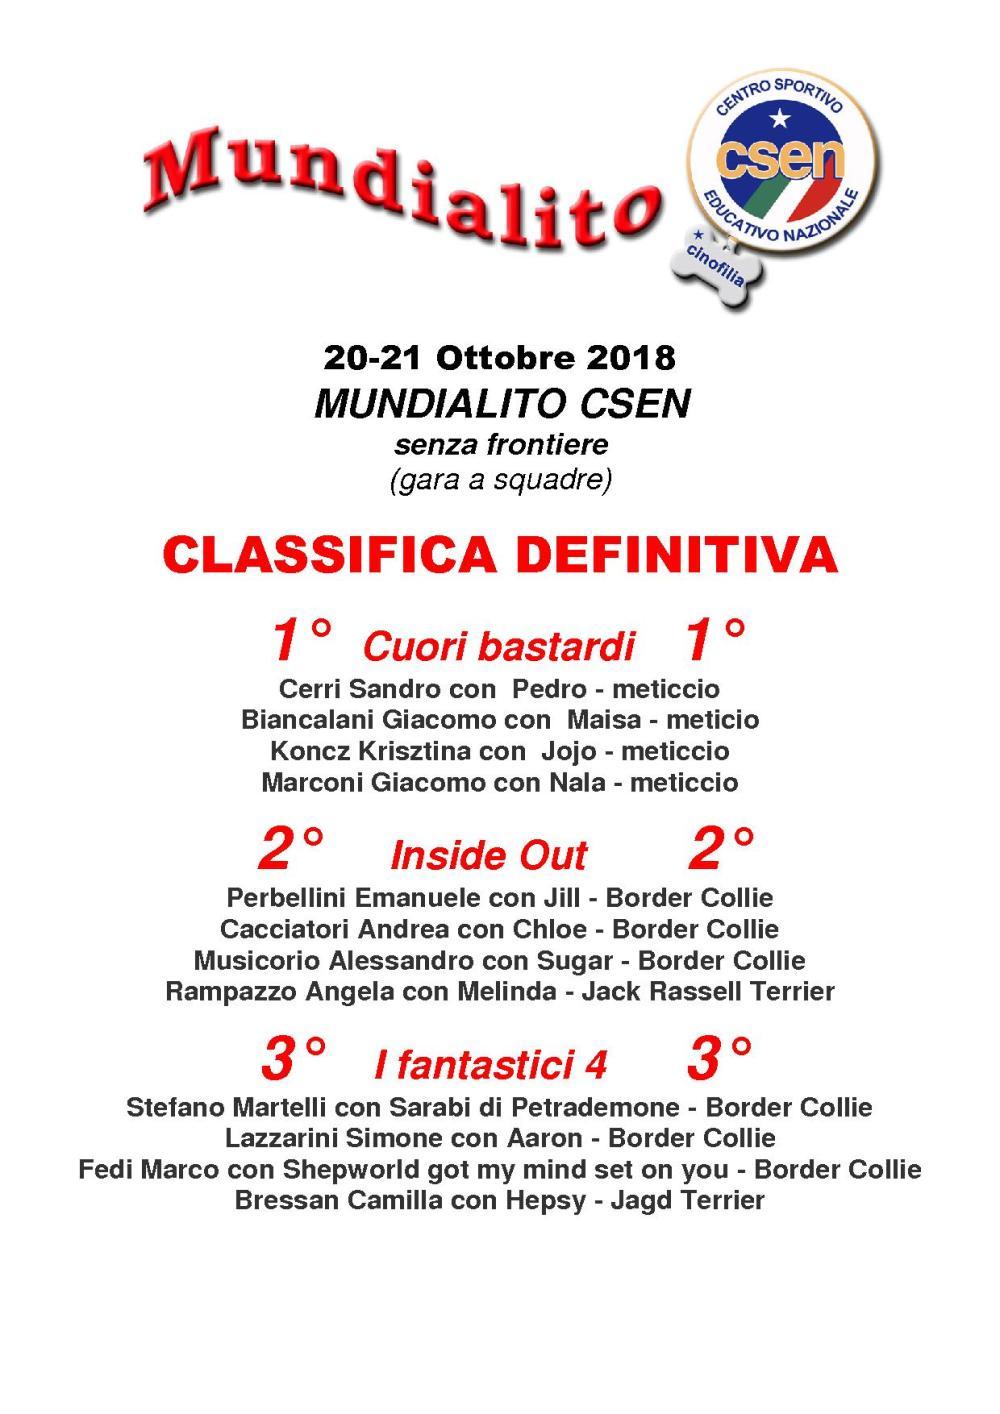 CLASSIFICA FINALE 2018